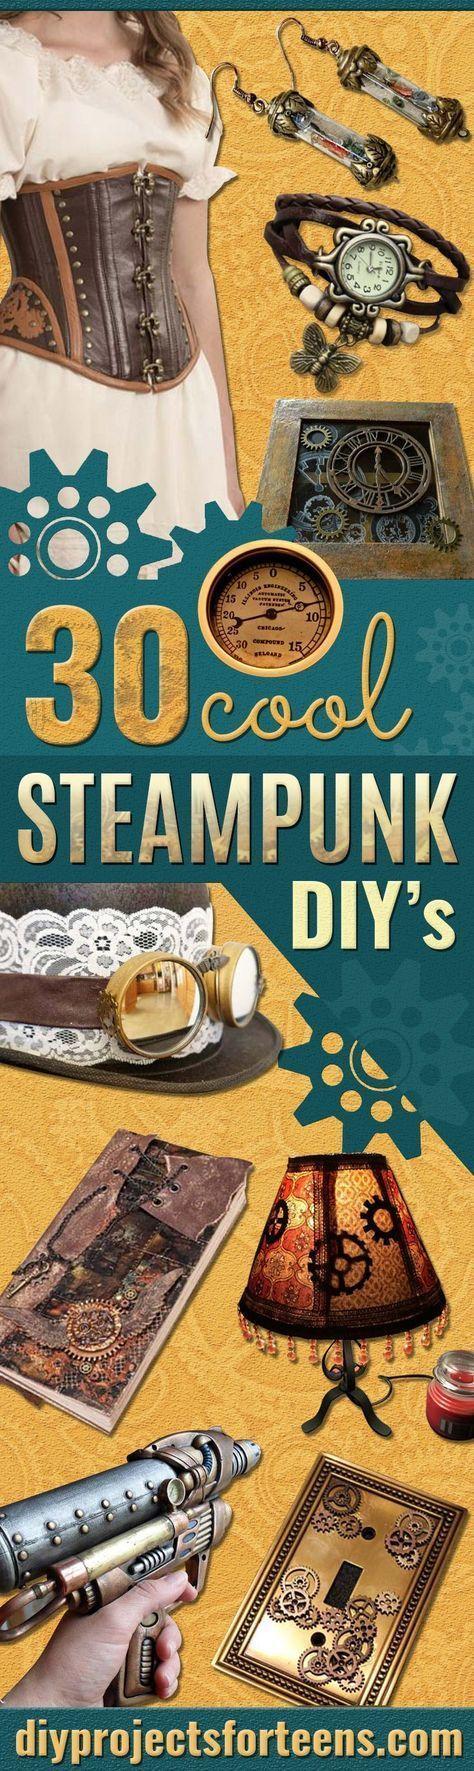 Coole Steampunk DIY Ideen – Easy Home Decor, Kostümideen, Schmuck, Kunsthandwerk